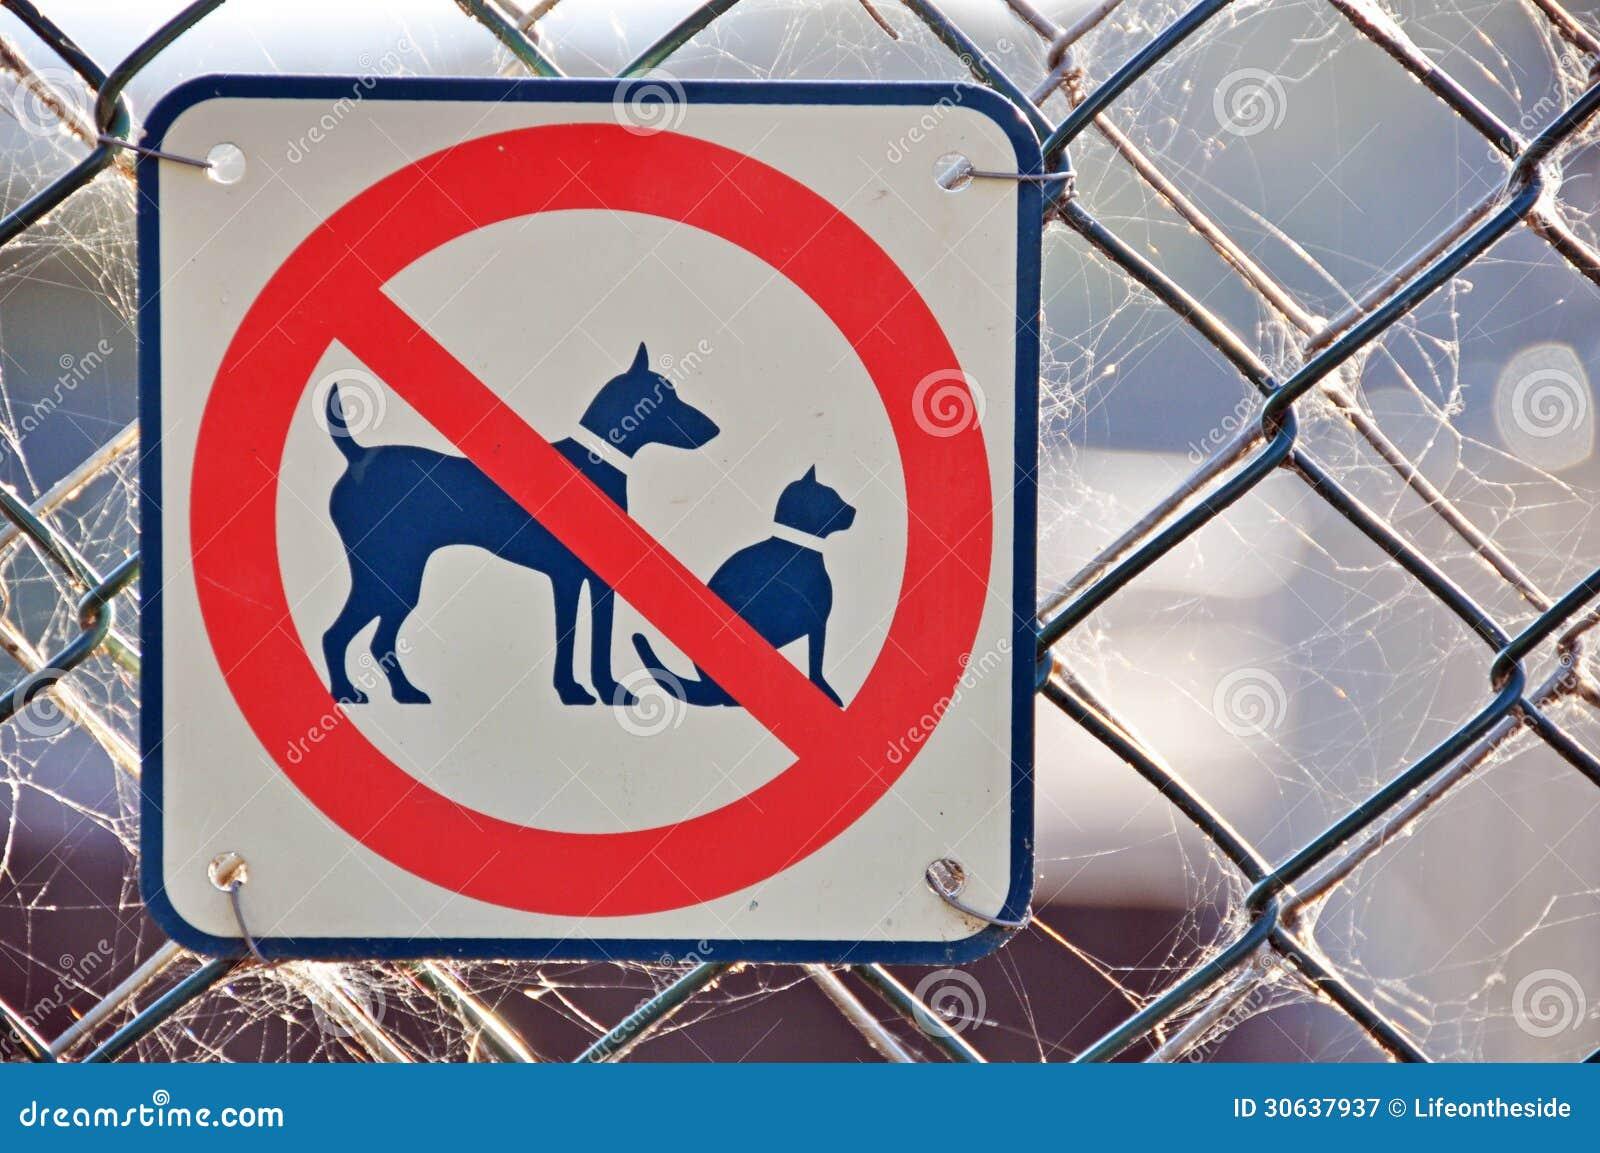 Nessun cane dei gatti permesso ha permesso il segno sul recinto